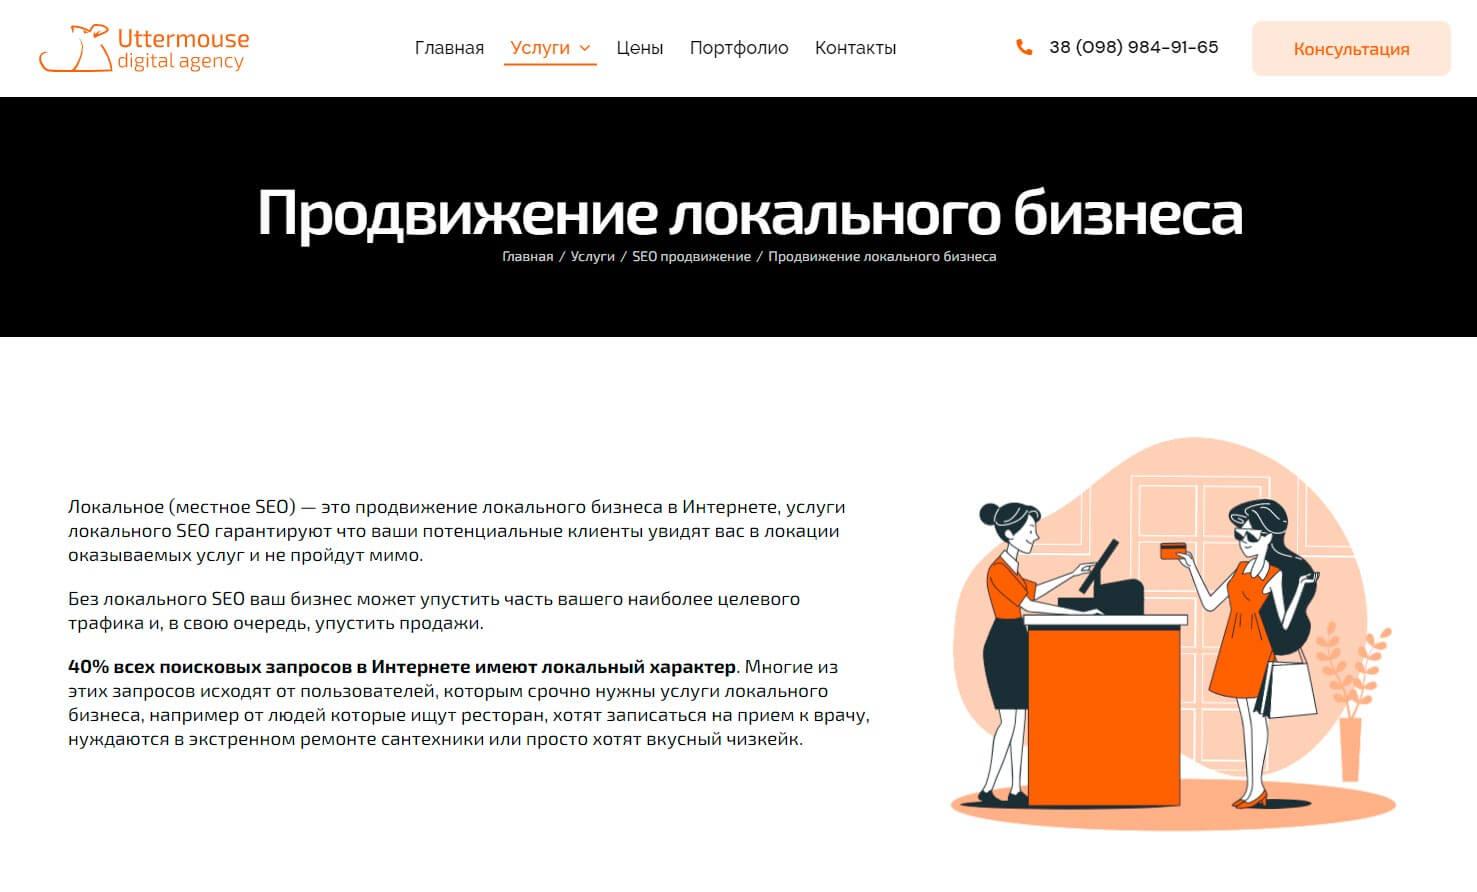 Uttermouse - обзор компании, услуги, отзывы, клиенты, Фото № 3 - google-seo.pro